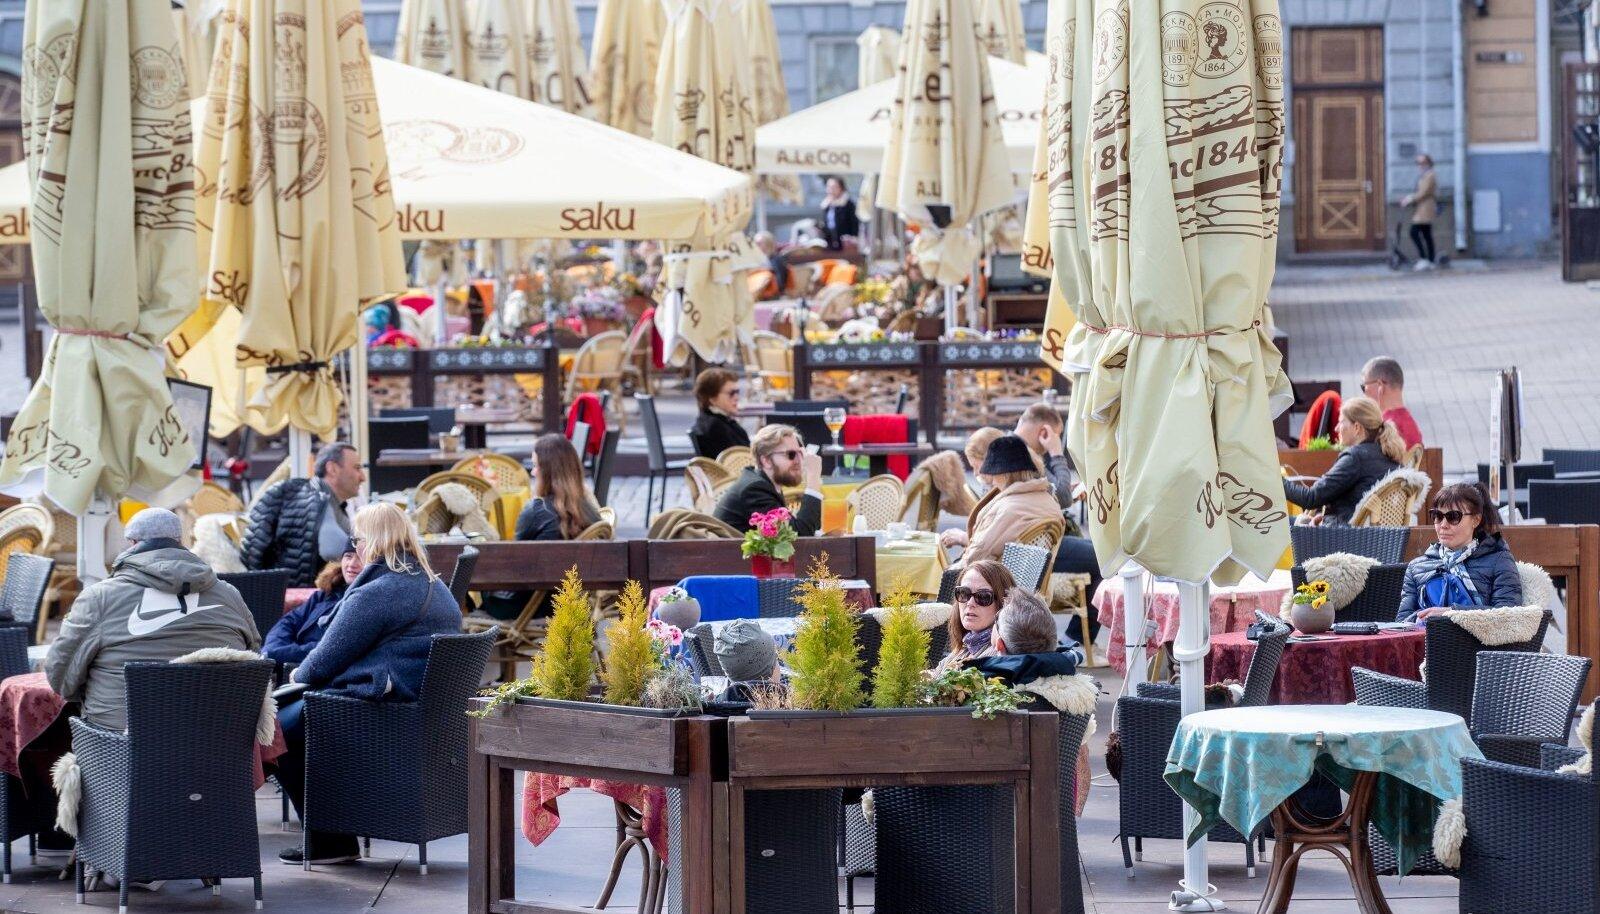 Mai alguses, kui eriolukord veel kestis, meelitas ilus ilm inimesed kohvikutesse.